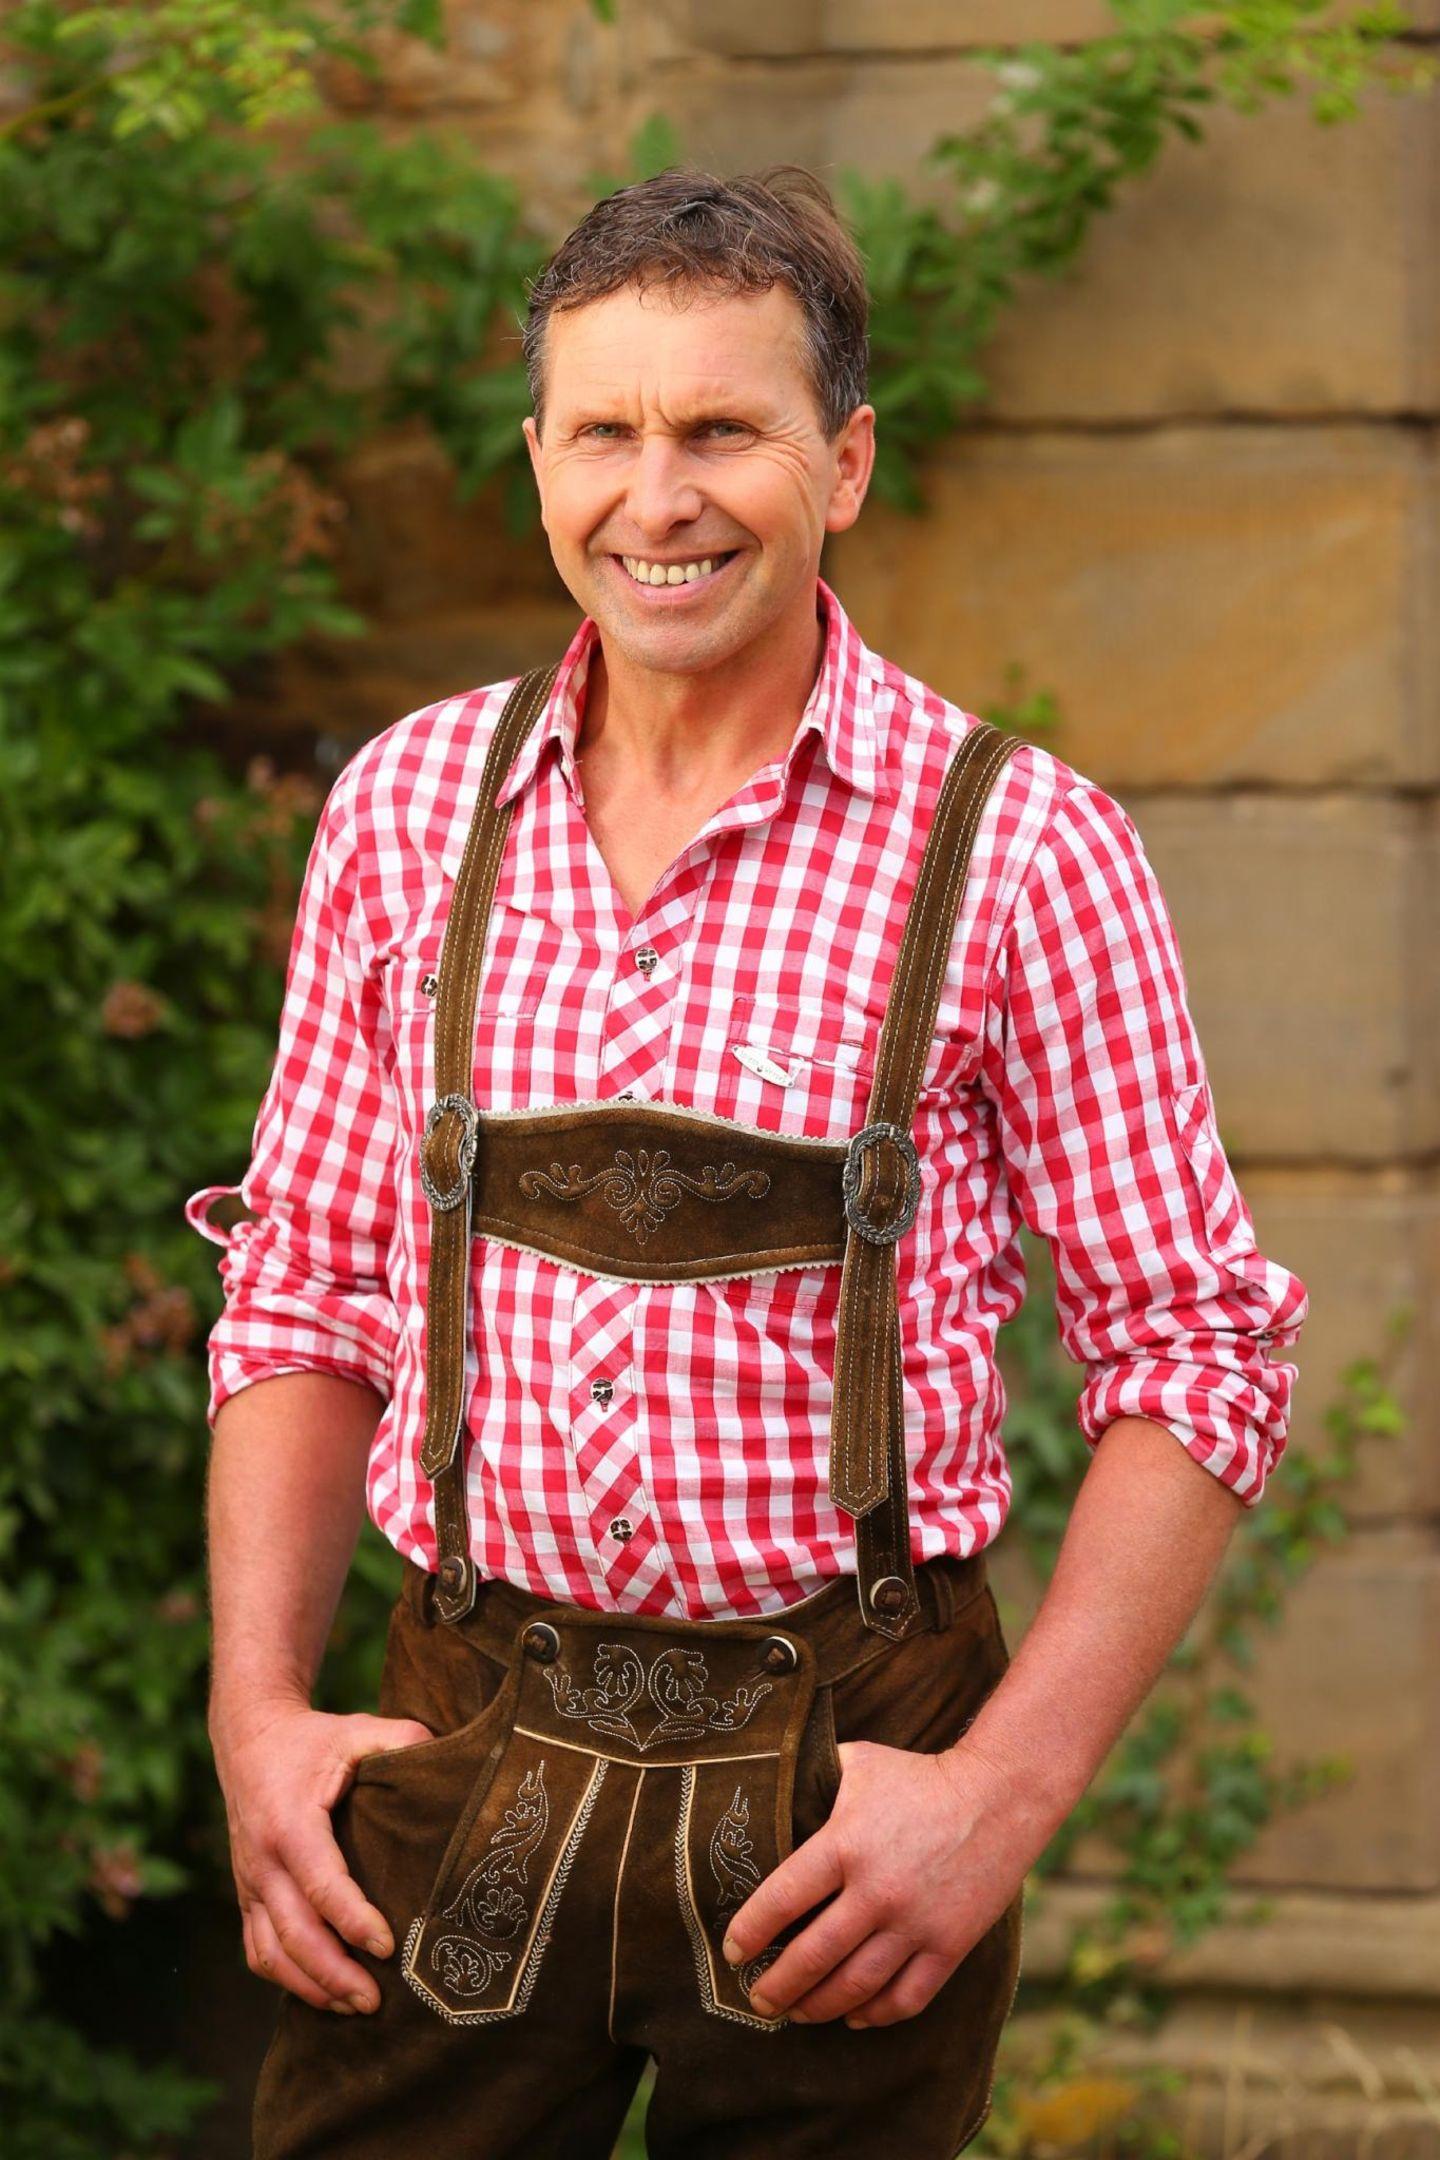 """Manfred aus Oberfranken, Bayern, lebt mit seinem Vater: Der selbsternannte """"Milchbauer im Kleinformat"""" Gottfried,ist ein echtes Energiebündel. Der 54-Jährige bewirtschaftet seit 33 Jahren einen Milchviehbetrieb mit rund 68 Rindern, 47 Hektar Grün- und Ackerland sowie 13 Hektar Wald. Mit viel Liebe und Engagement kümmert sich Gottfried um seine Tiere. Während der Arbeit im Stall läuft bei dem Landwirt immer Musik. Sein Motto: """"Umso schöner die Musik, umso besser läuft die Milch."""" Obwohl der Vater dreier Söhne (15, 17 und 30 Jahre) gern ausgeht, hat er seine Traumfrau noch nicht gefunden. Der 1,70 Meter große Landwirt träumt davon, mit einer neuen Partnerin auf seinem Motorrad davonzufahren. """"Ich suche eine lustige Frau, die mit meiner quirligen Art gut zurechtkommt. Ich will das Leben mit jemandem zusammen genießen. In guten und in schlechten Zeiten"""", so Gottfried."""